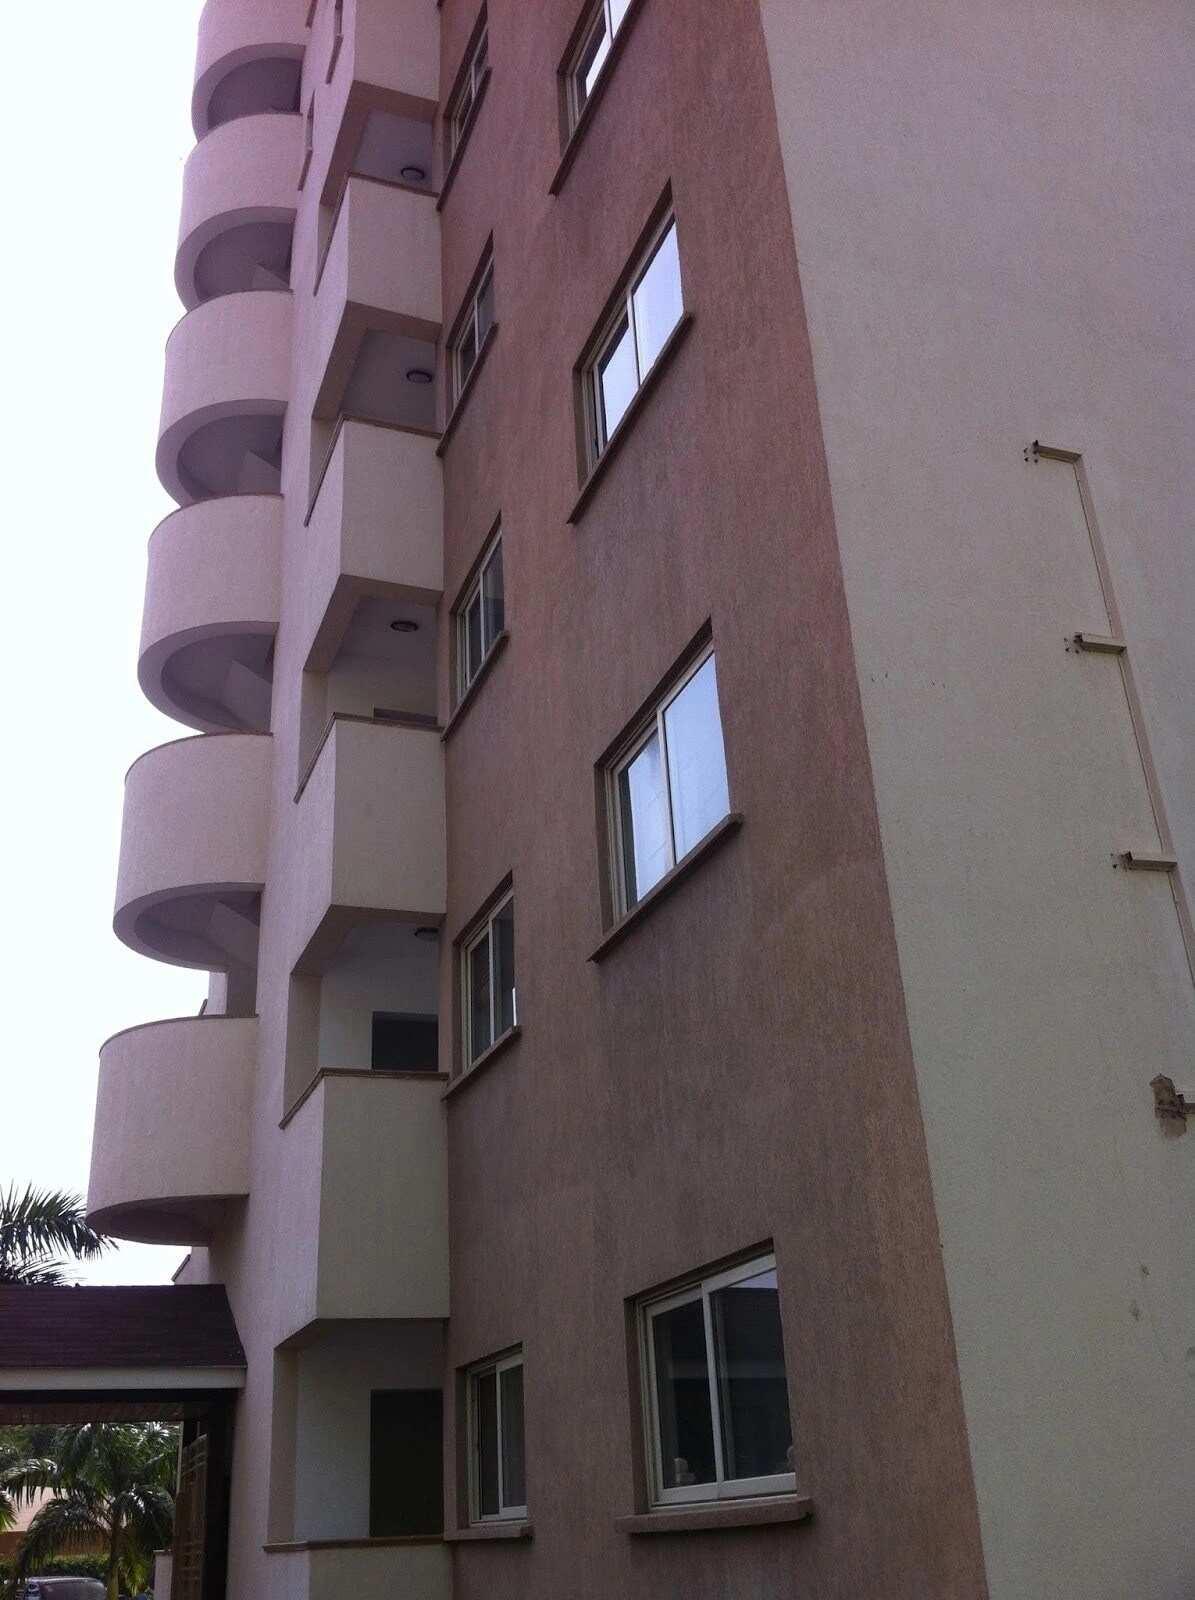 morden ghana modern ghana housing deficit in ghana housing in ghana ghana provision affordable housing in ghana